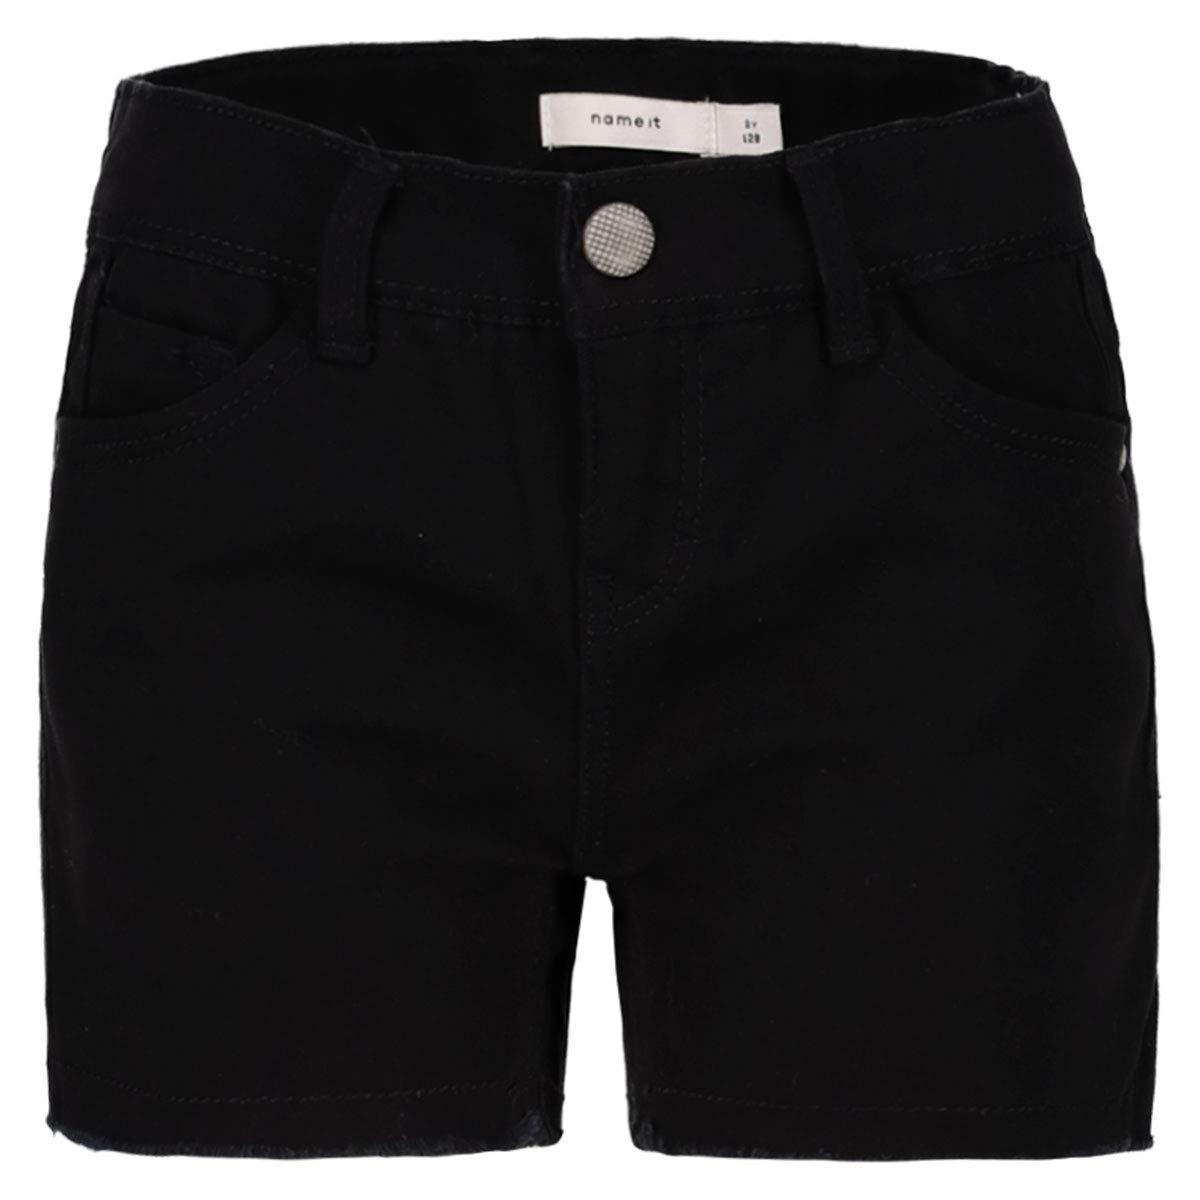 Name It Girls Nittorina Slim DNM Shorts NMT Noos